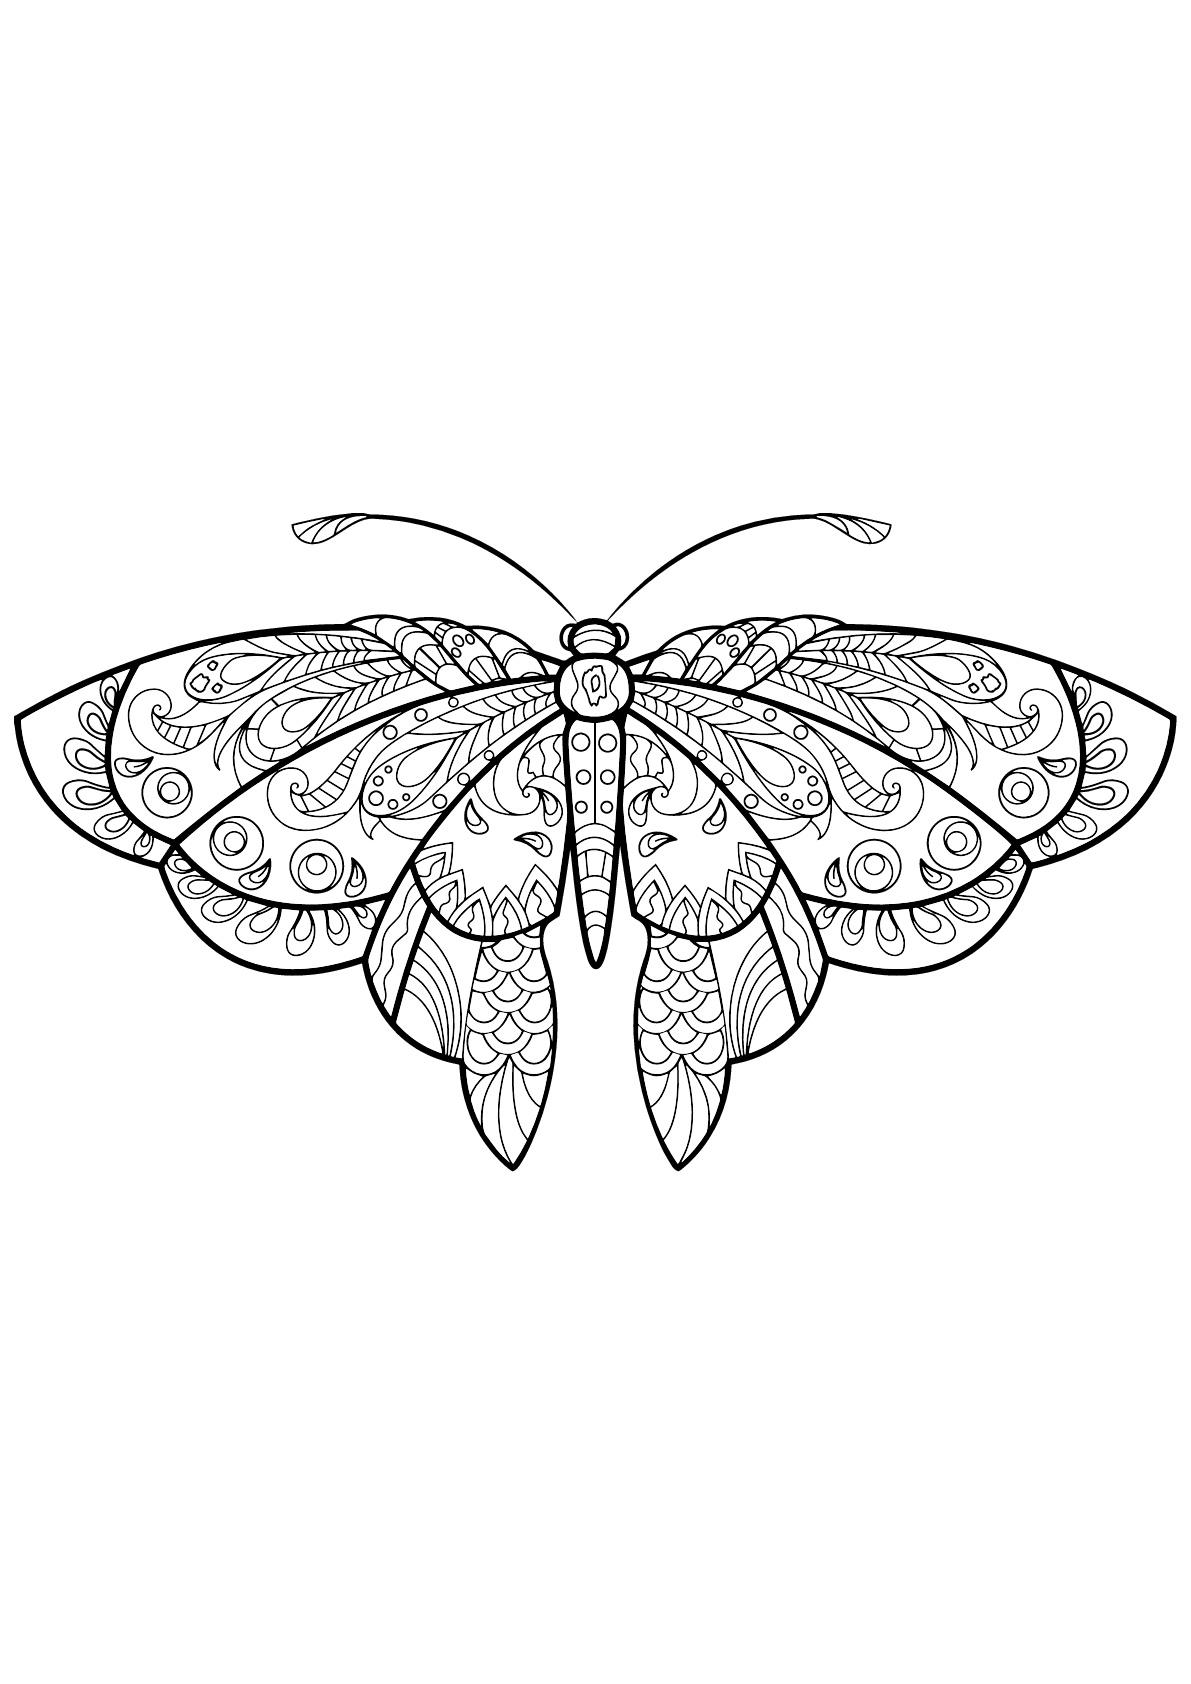 Coloriage d'un papillon avec des superbes motifs - 1